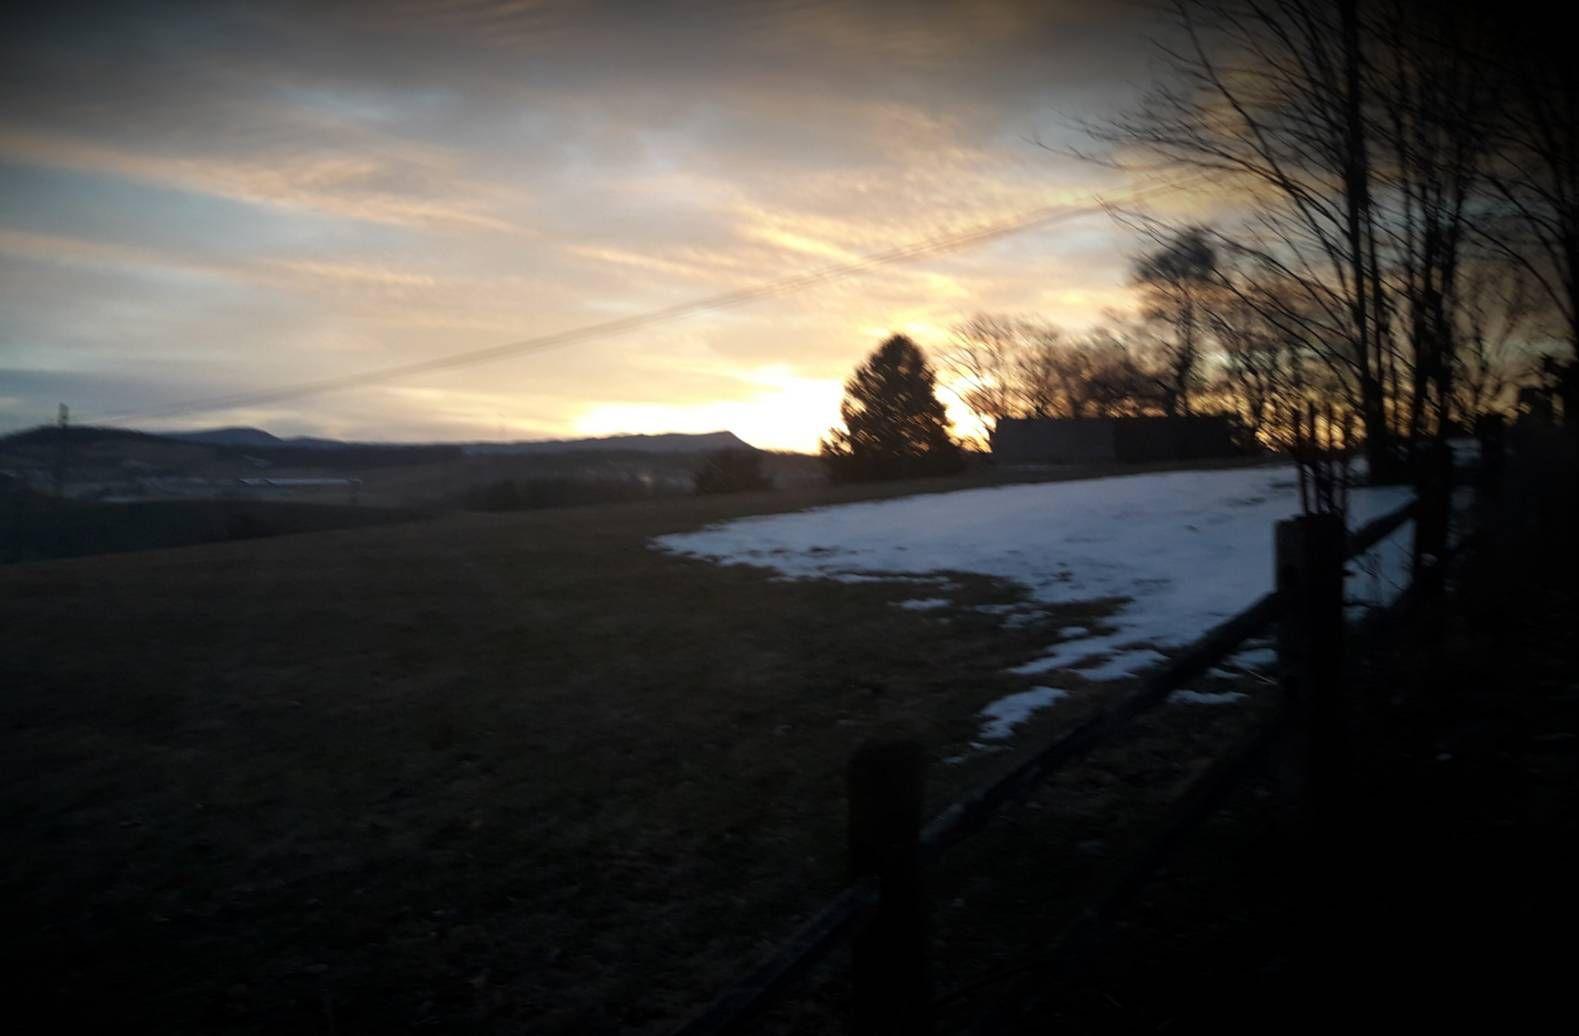 L'aube prometteuse, hier. le 24 février